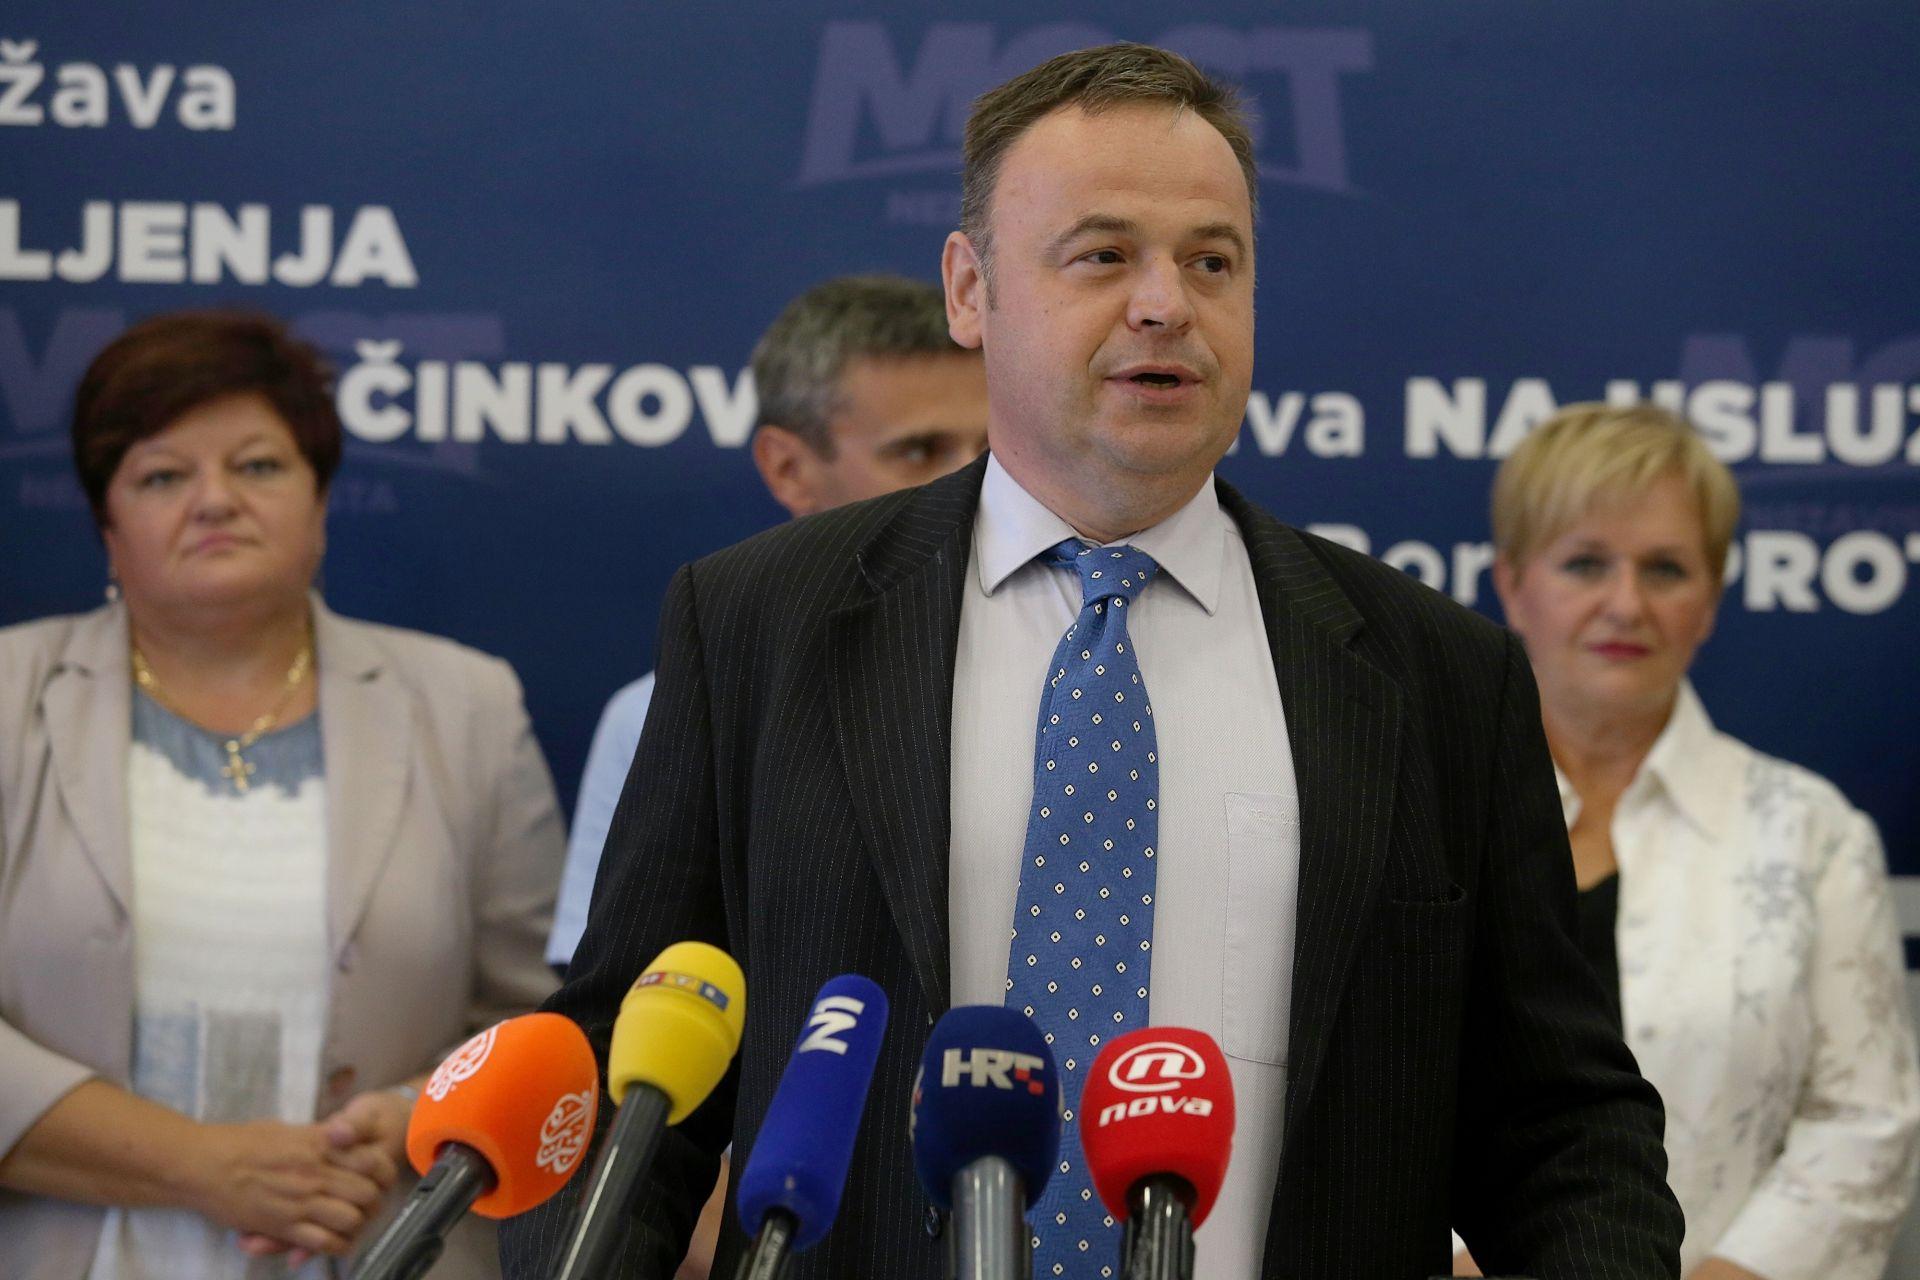 OČEKUJU ISPRIKU: Kandidatkinje Bandićeve koalicije osudile Ružićevu uvredu